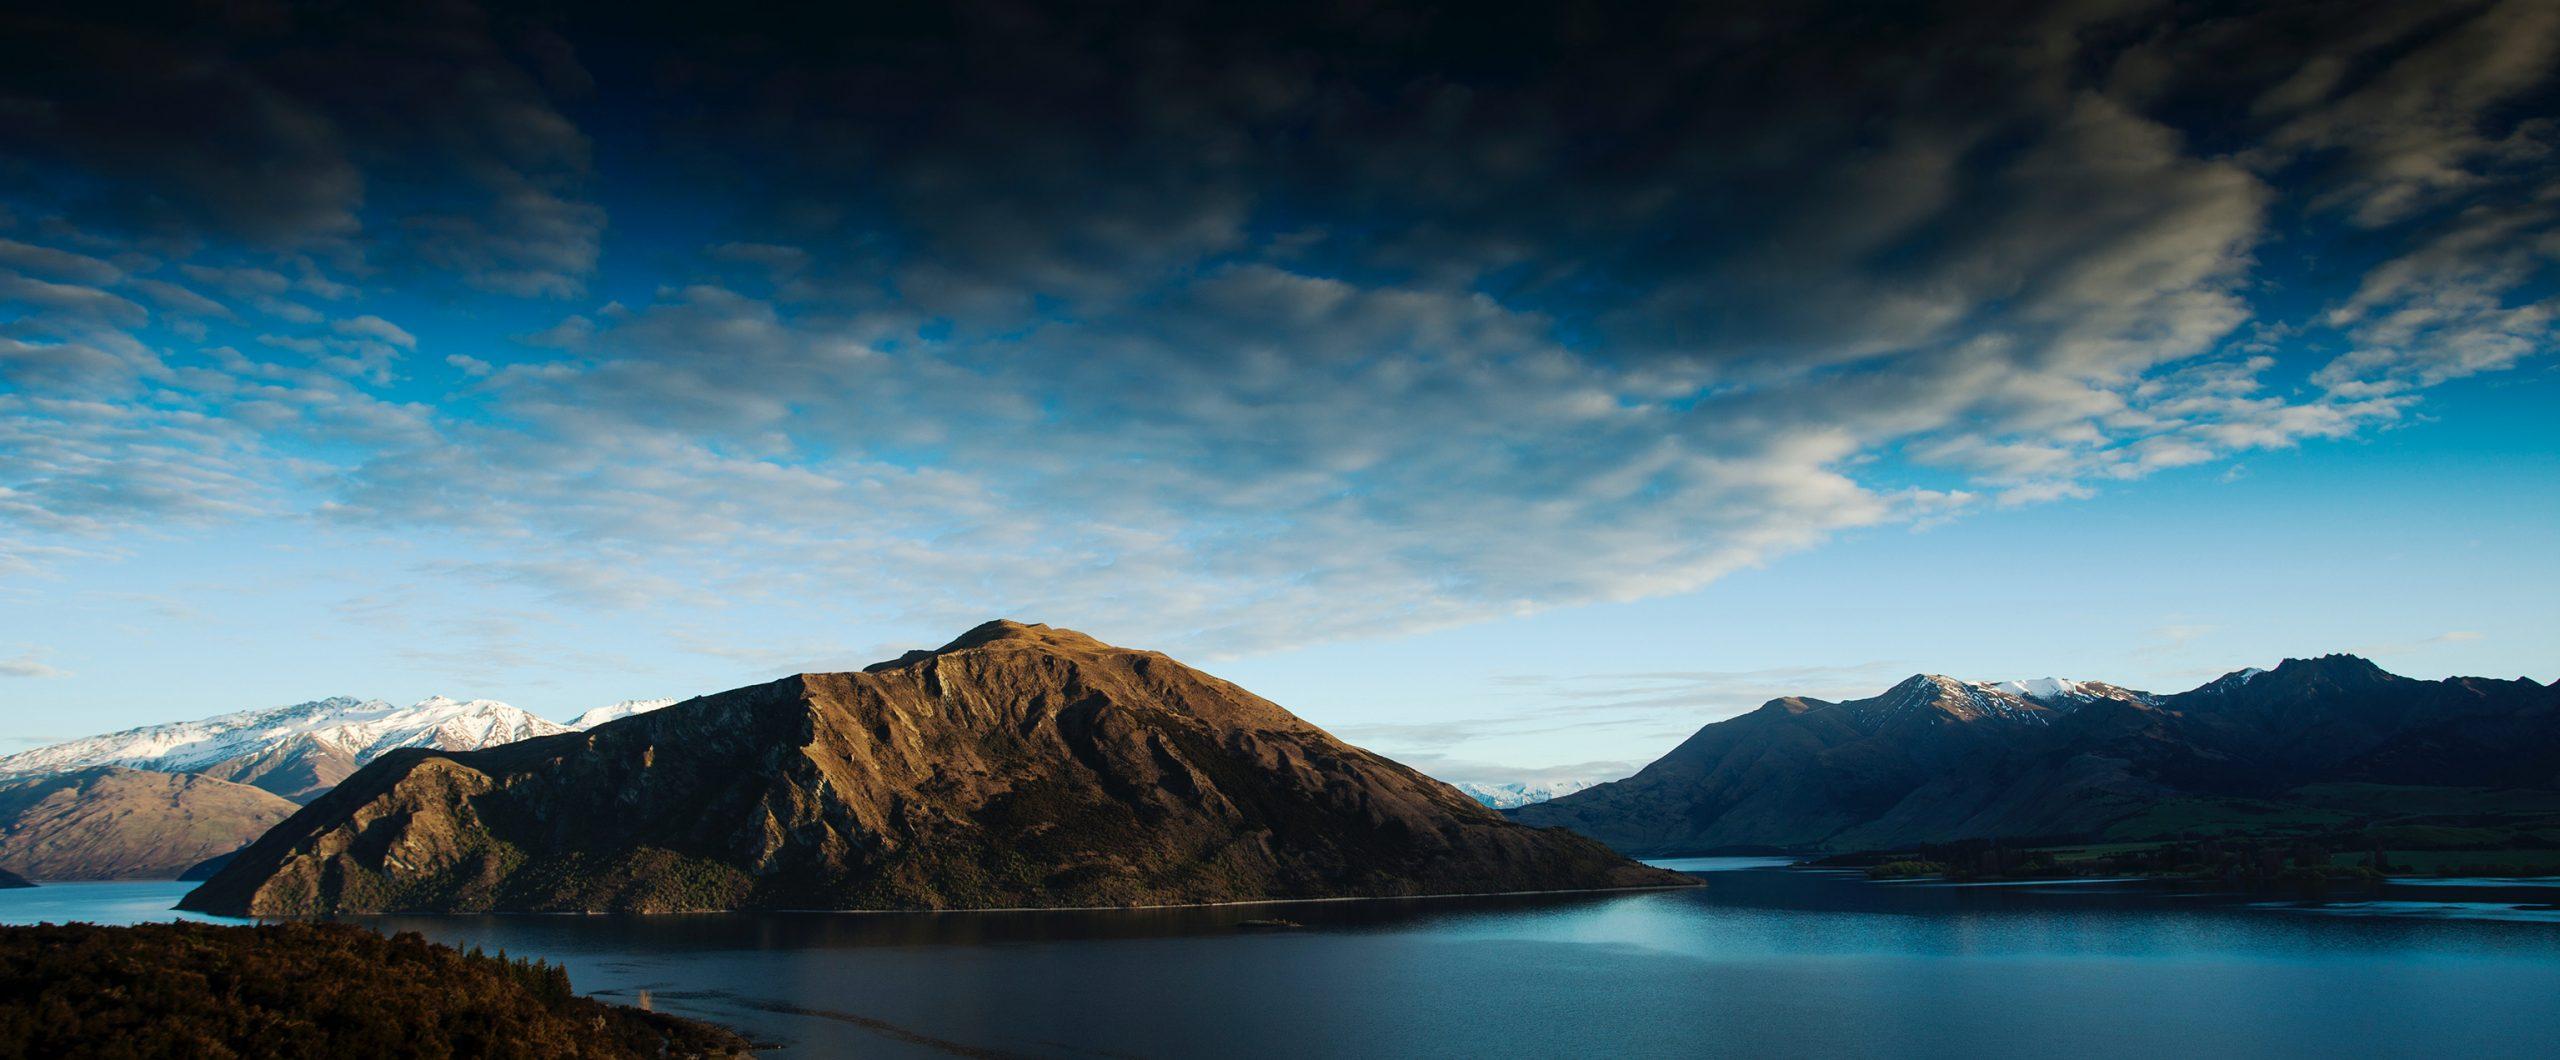 Fiordland Heli Fly Fishing